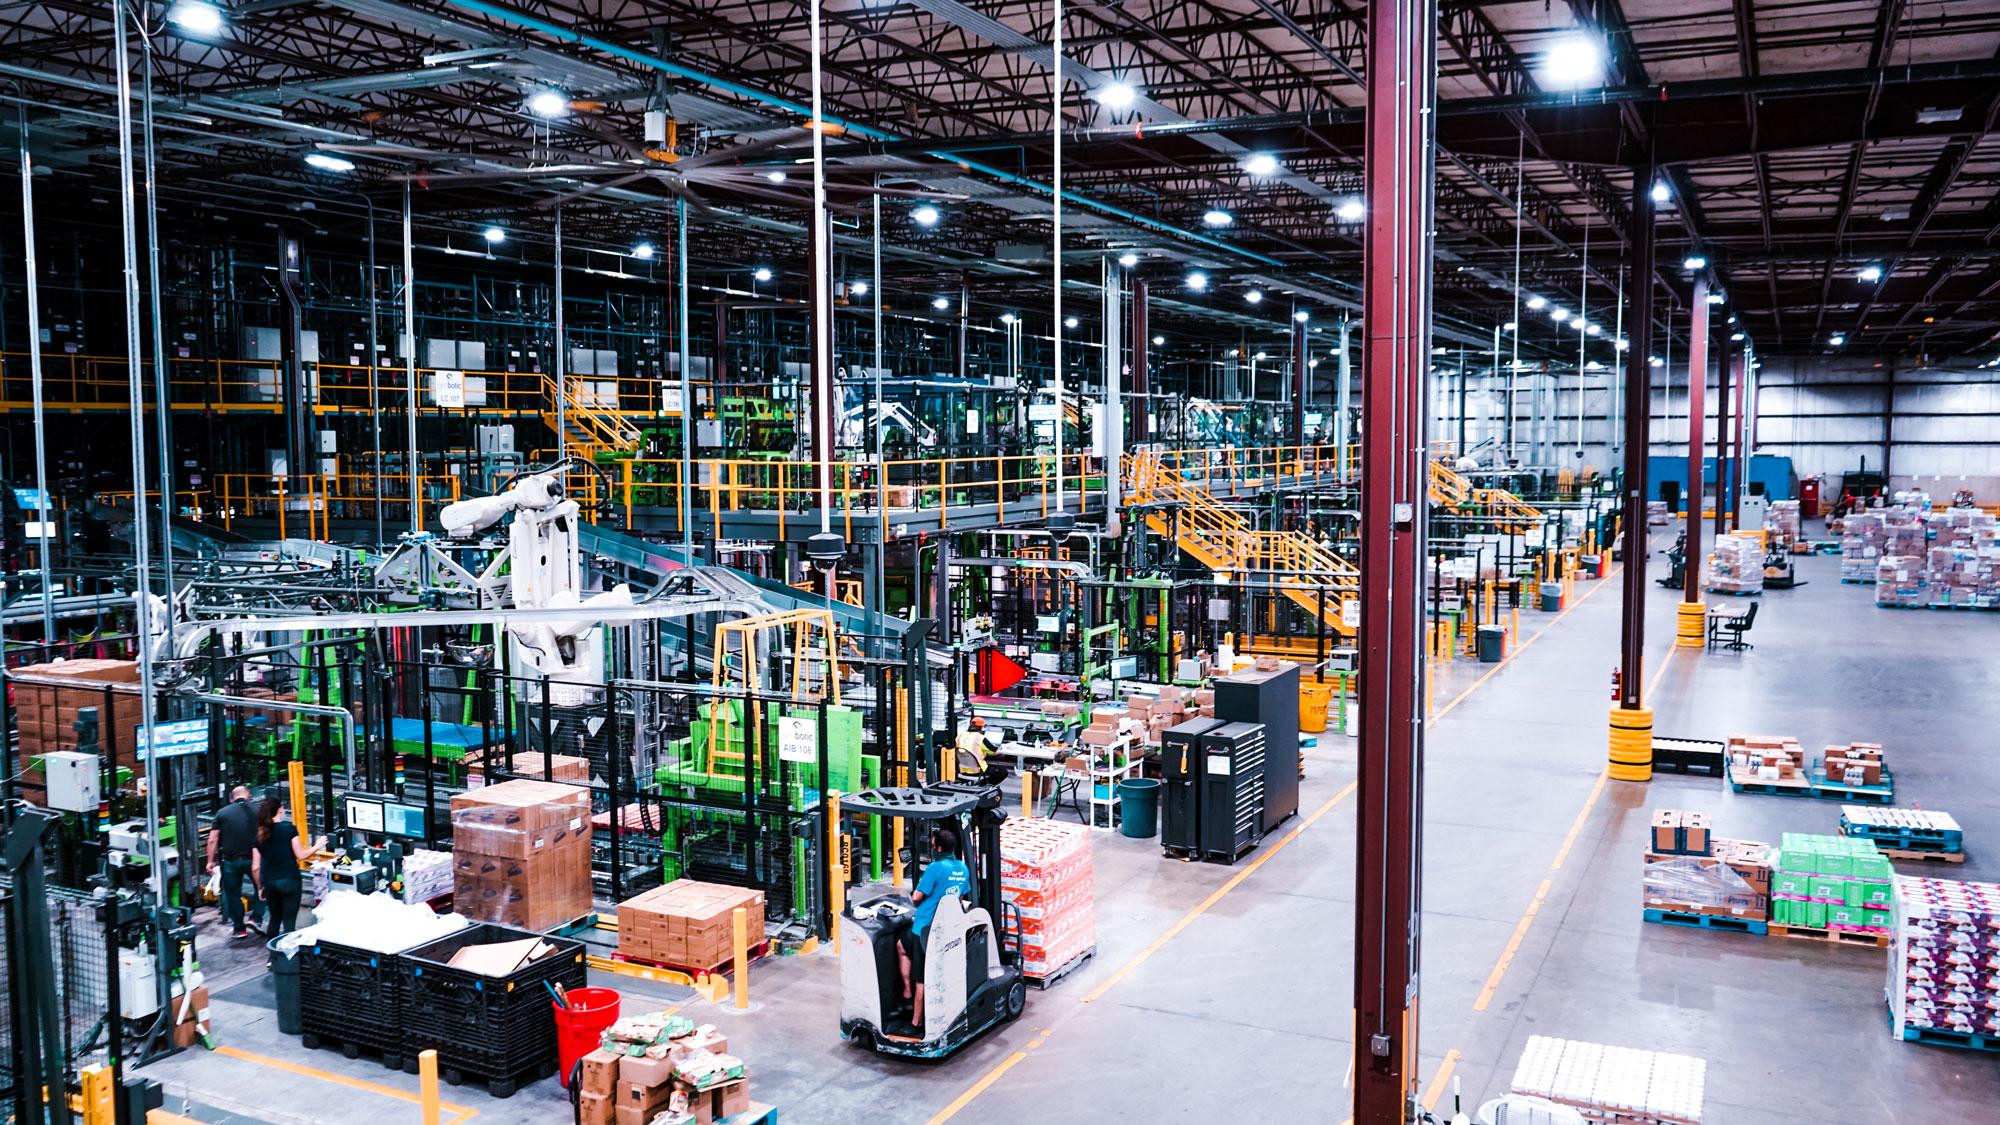 Full Symbotic Warehouse Automation System Photo